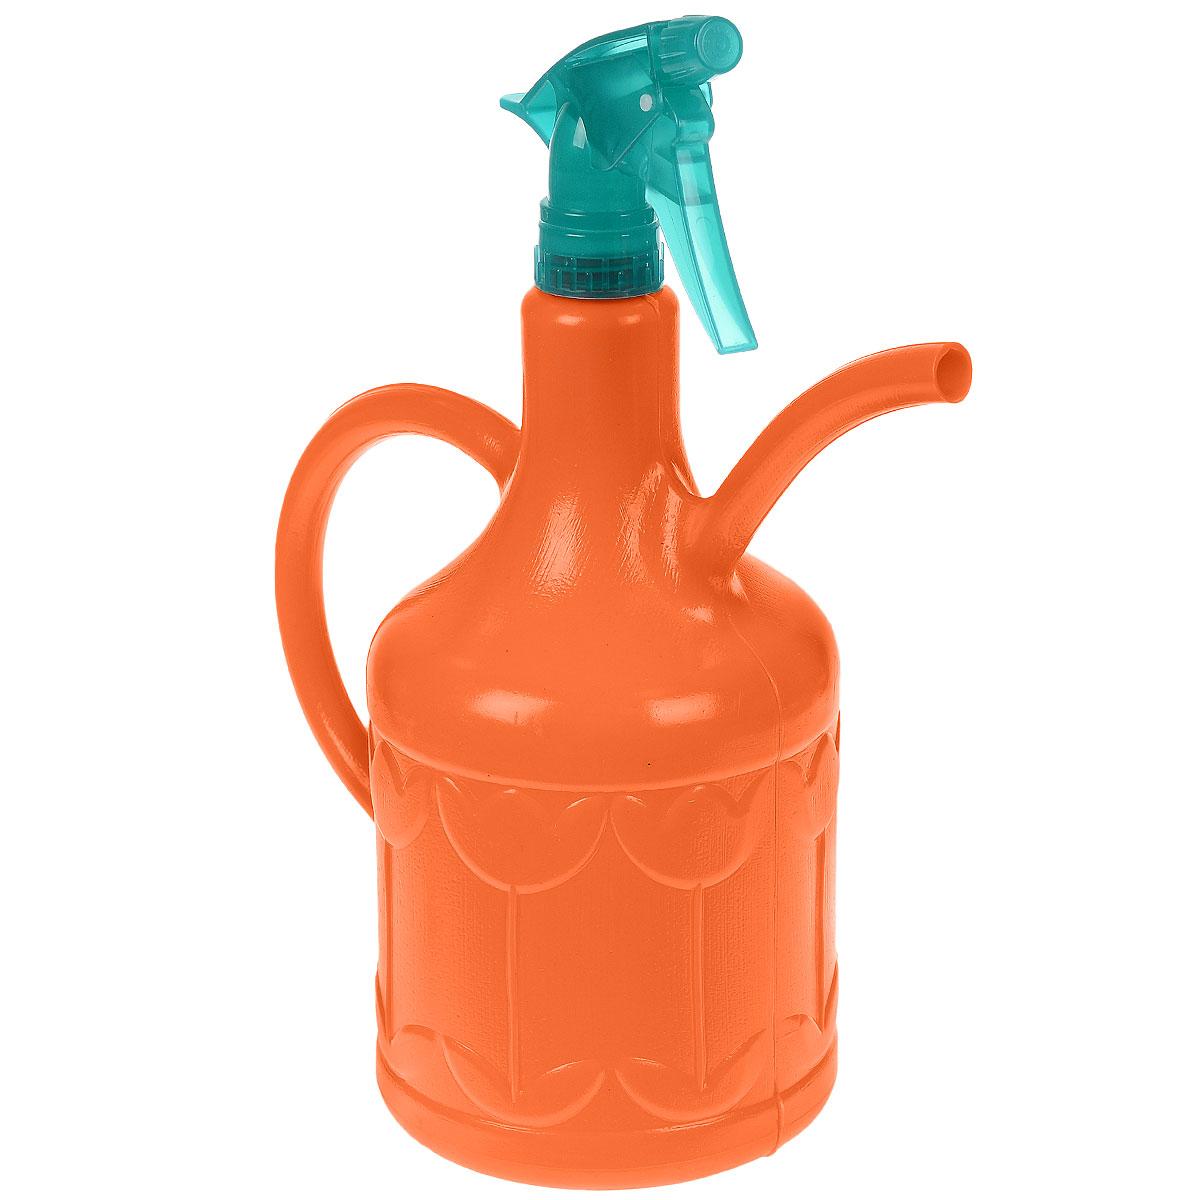 Лейка-опрыскиватель Кострома пластик Тюльпан, цвет: оранжевый, 1,8 л4607016671093_оранжевыйЛейка-опрыскиватель Тюльпан выполнена из высококачественного пластика и оформлена рельефным цветочным рисунком. Ее можно использовать для полива, так как она оснащена носиком и удобной ручкой. Также изделие снабжено распылителем для опрыскивания растений.